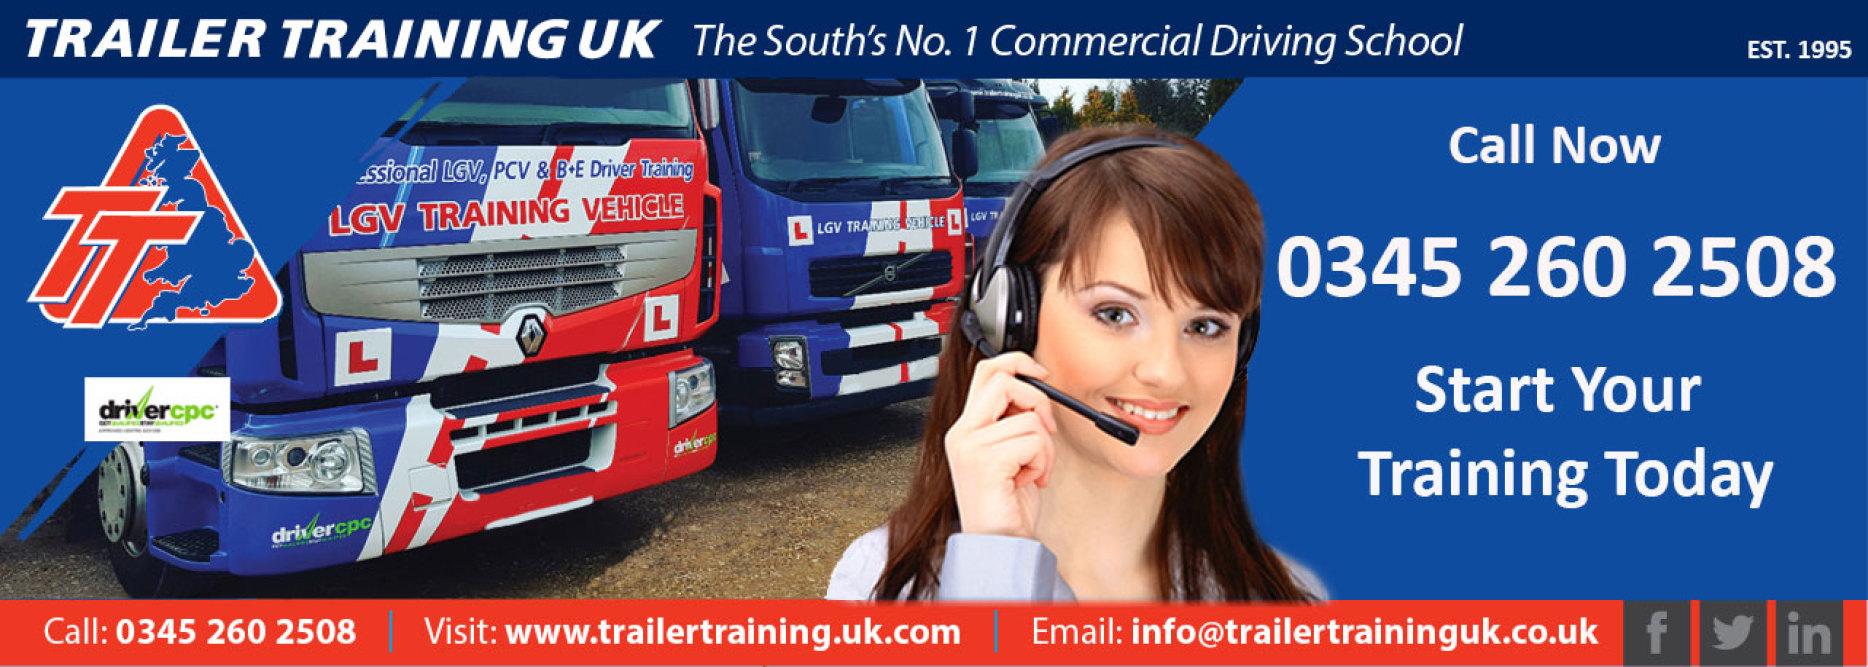 Trailer Training UK Ltd for All your HGV Training